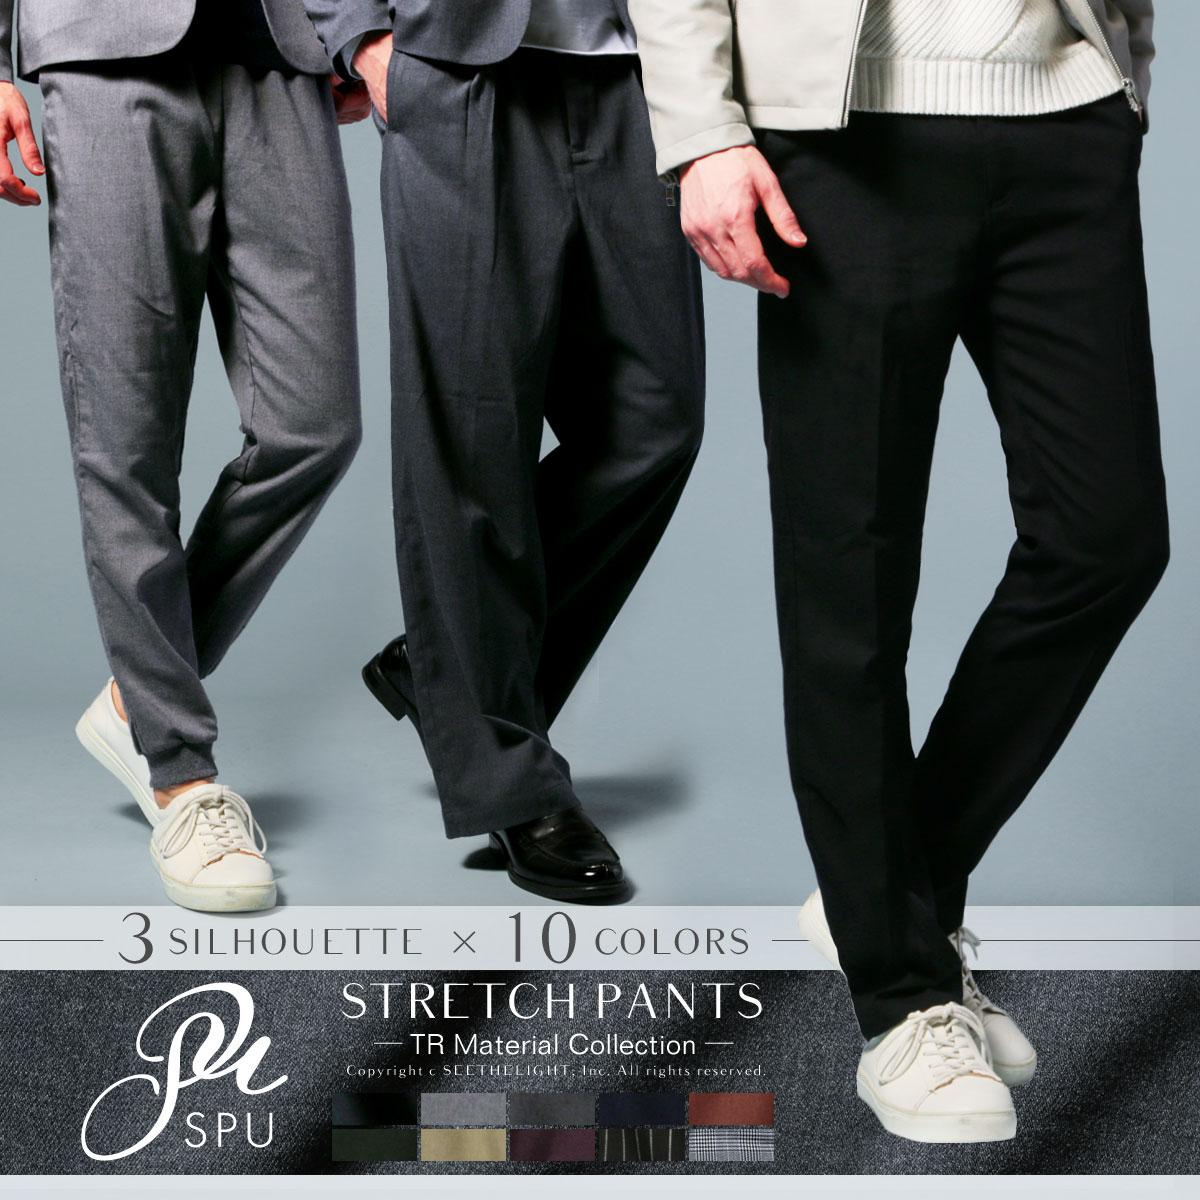 メンズ パンツ メンズファッション TR ストレッチ テーパード スラックス / ジョガー パンツ / ワイドパンツ セットアップ SOYOUS ソユーズ